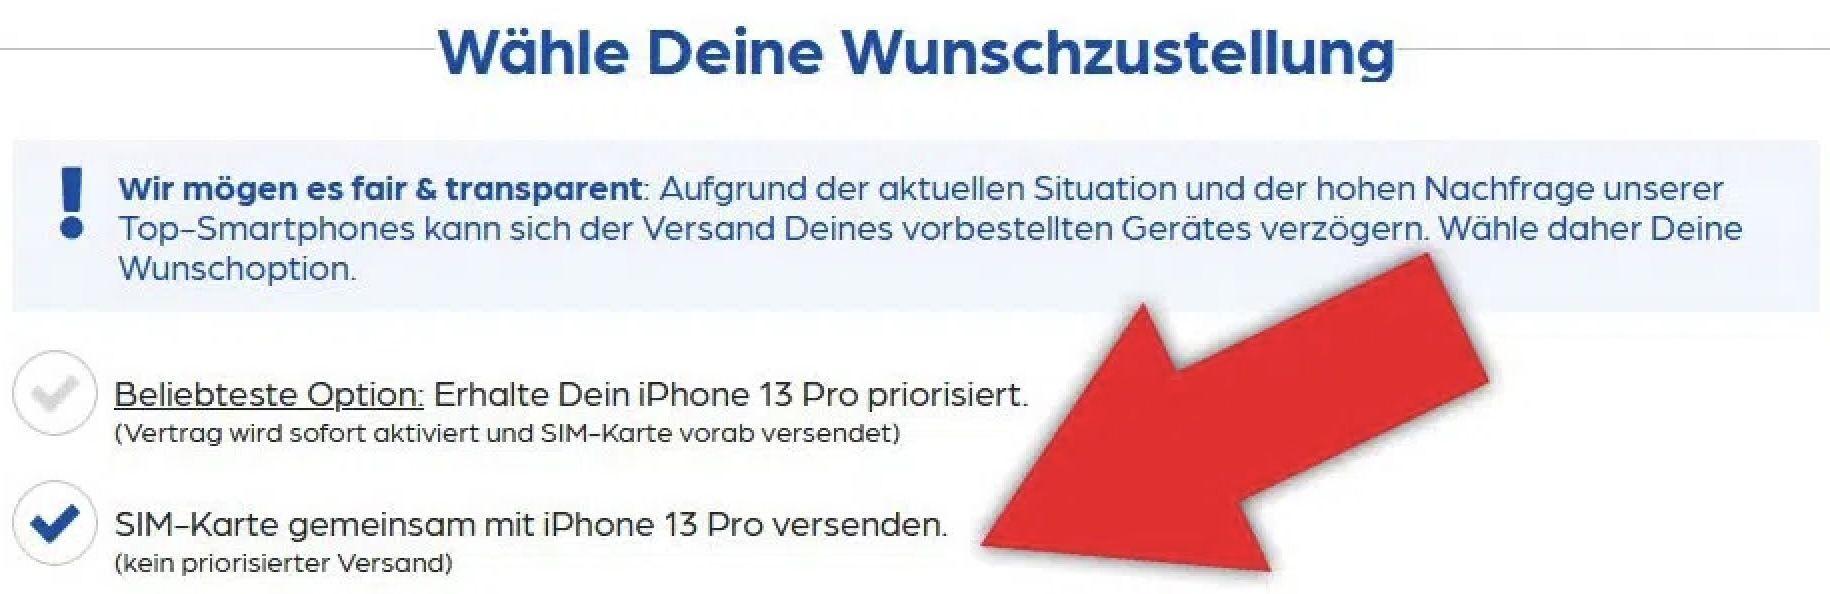 Apple iPhone 13 mini mit 128GB für 79,95€ + Vodafone Allnet Flat mit bis 40GB LTE/5G für 44,99€ mtl. + 100€ Wechselbonus möglich